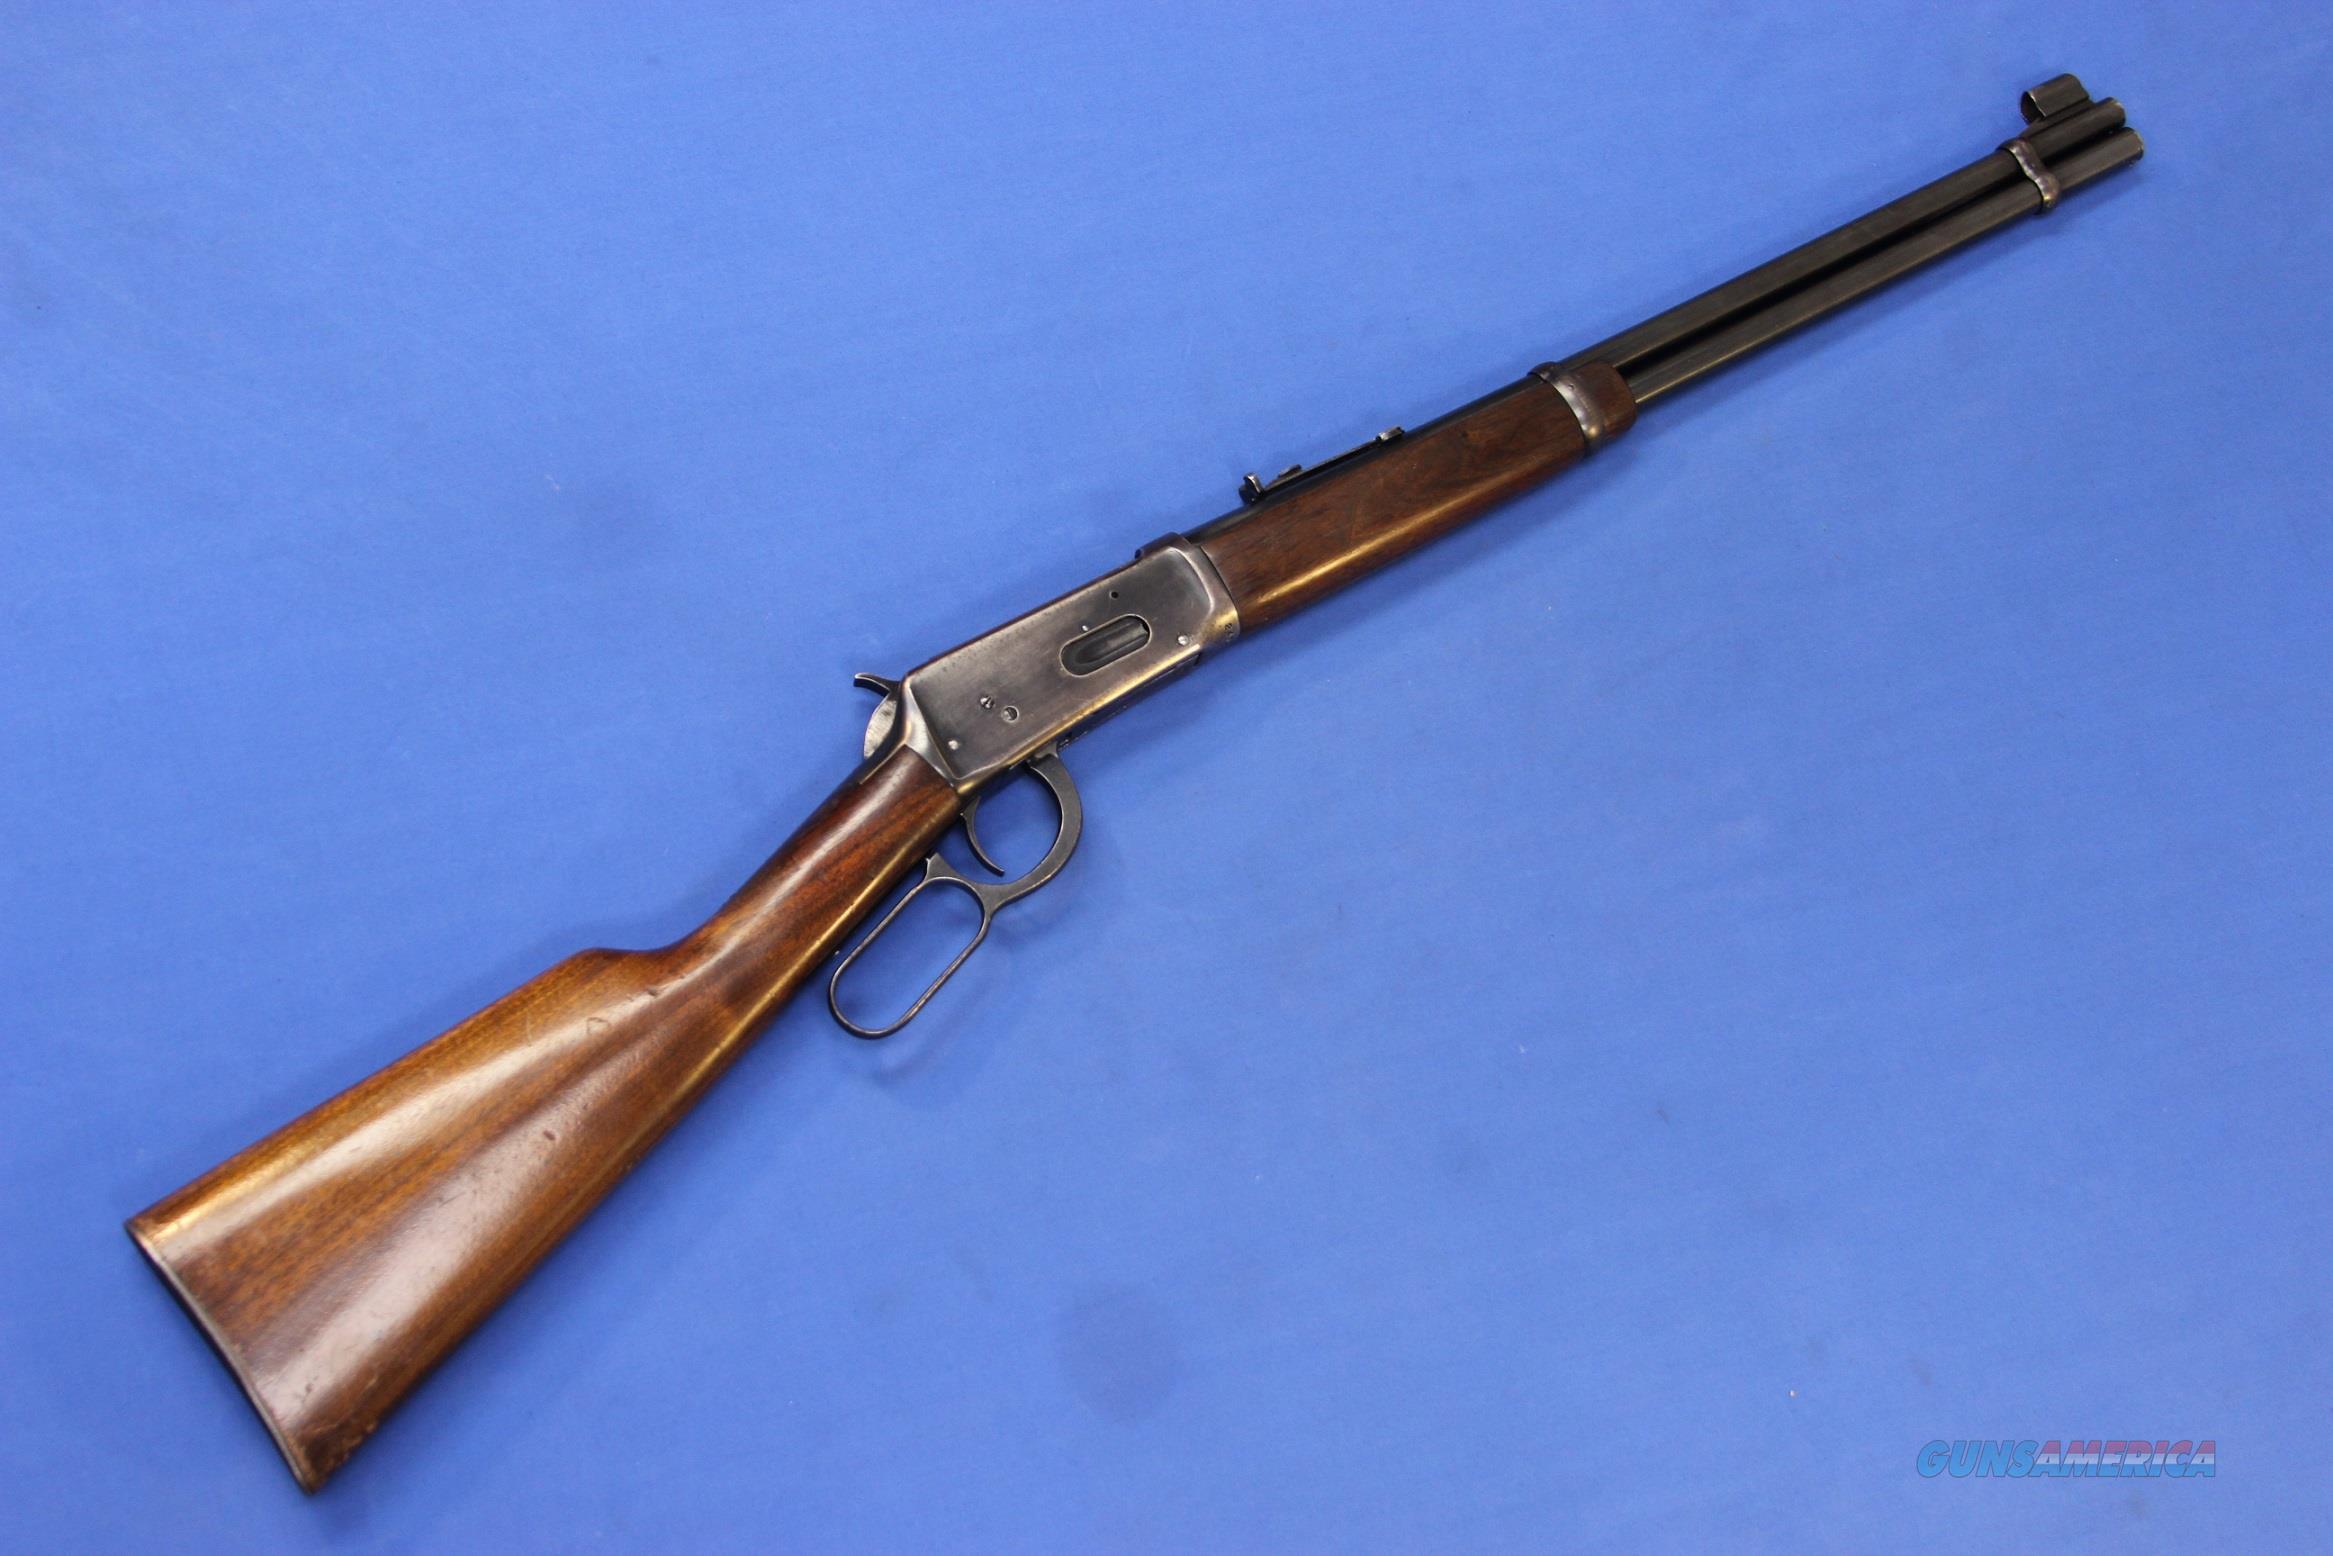 WINCHESTER PRE-64 MODEL 94 .30-30 WIN - 1961 Mf... for sale